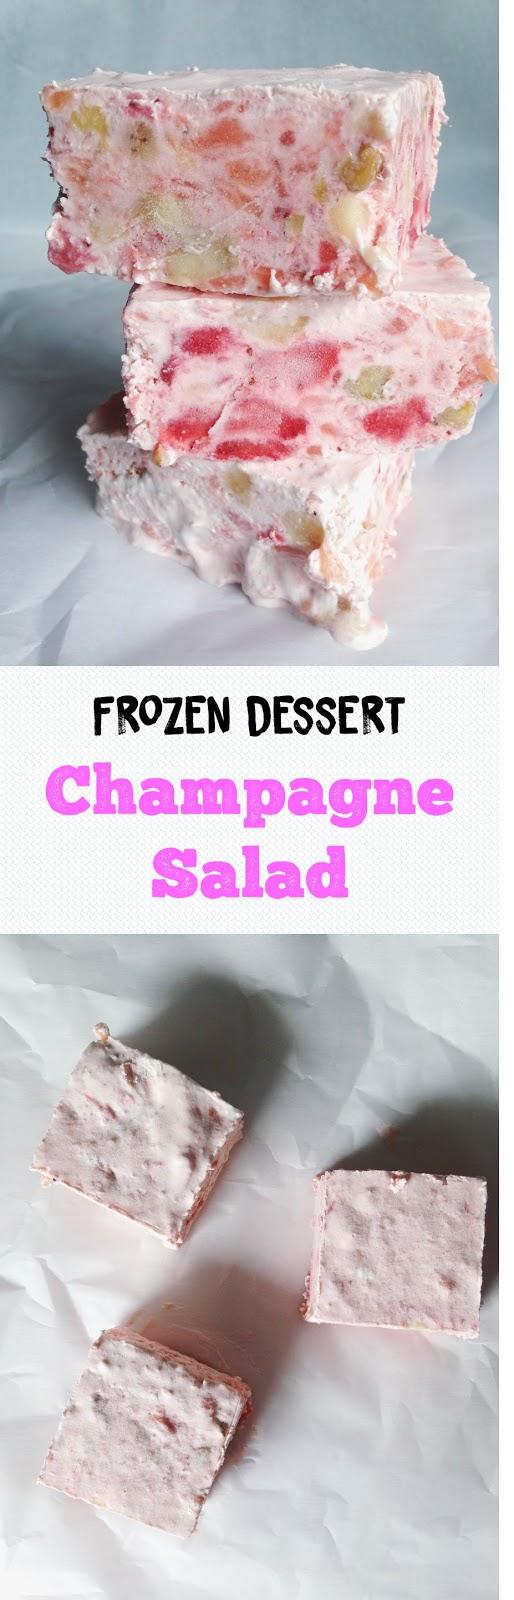 Frozen Dessert: Champagne Salad